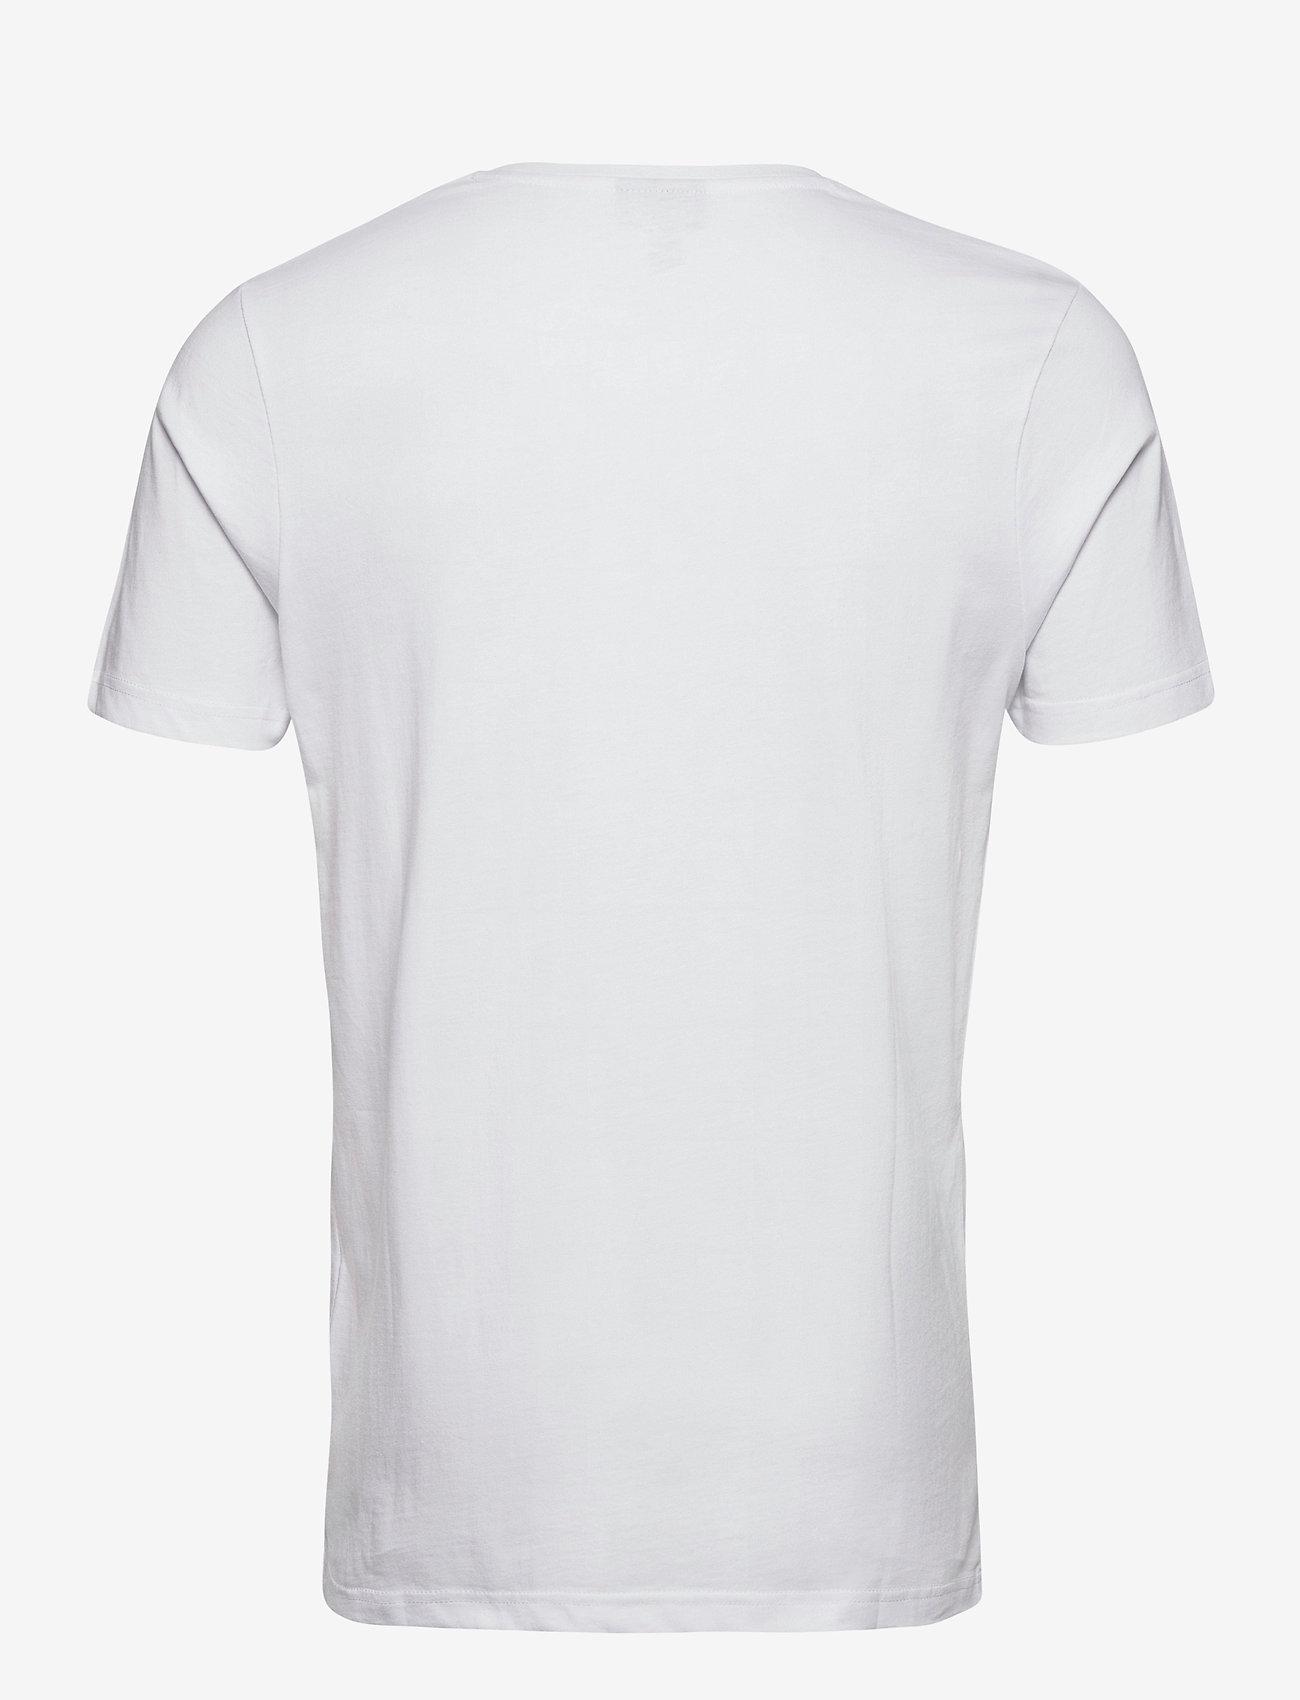 Ellesse EL FEVER TEE - T-skjorter WHITE - Menn Klær